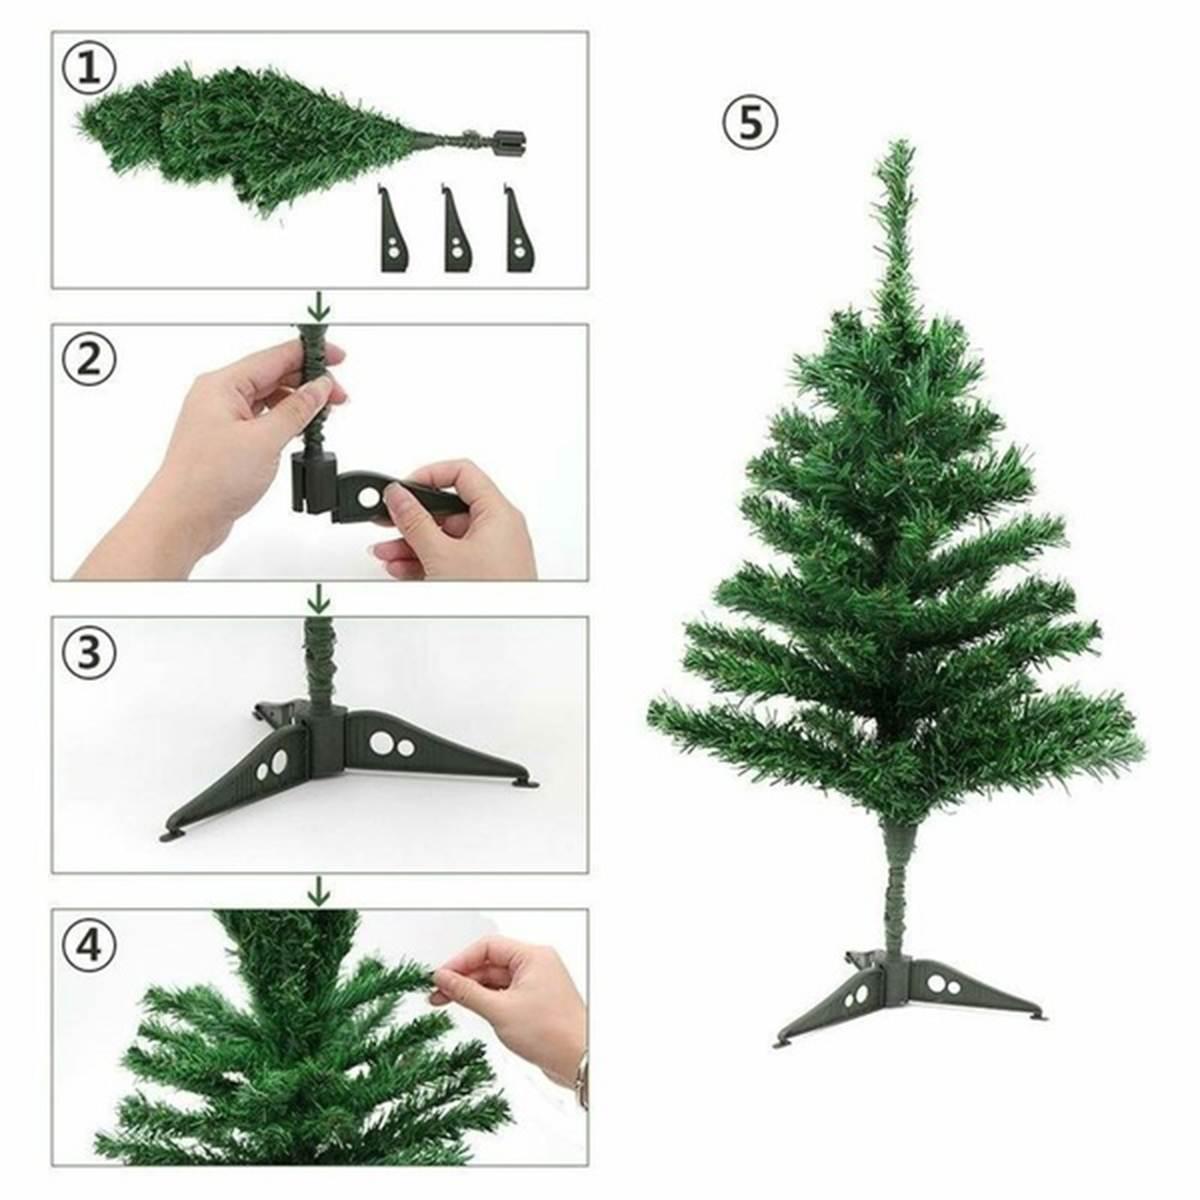 Les 4 étapes de montage du sapin de Noël de table artificiel